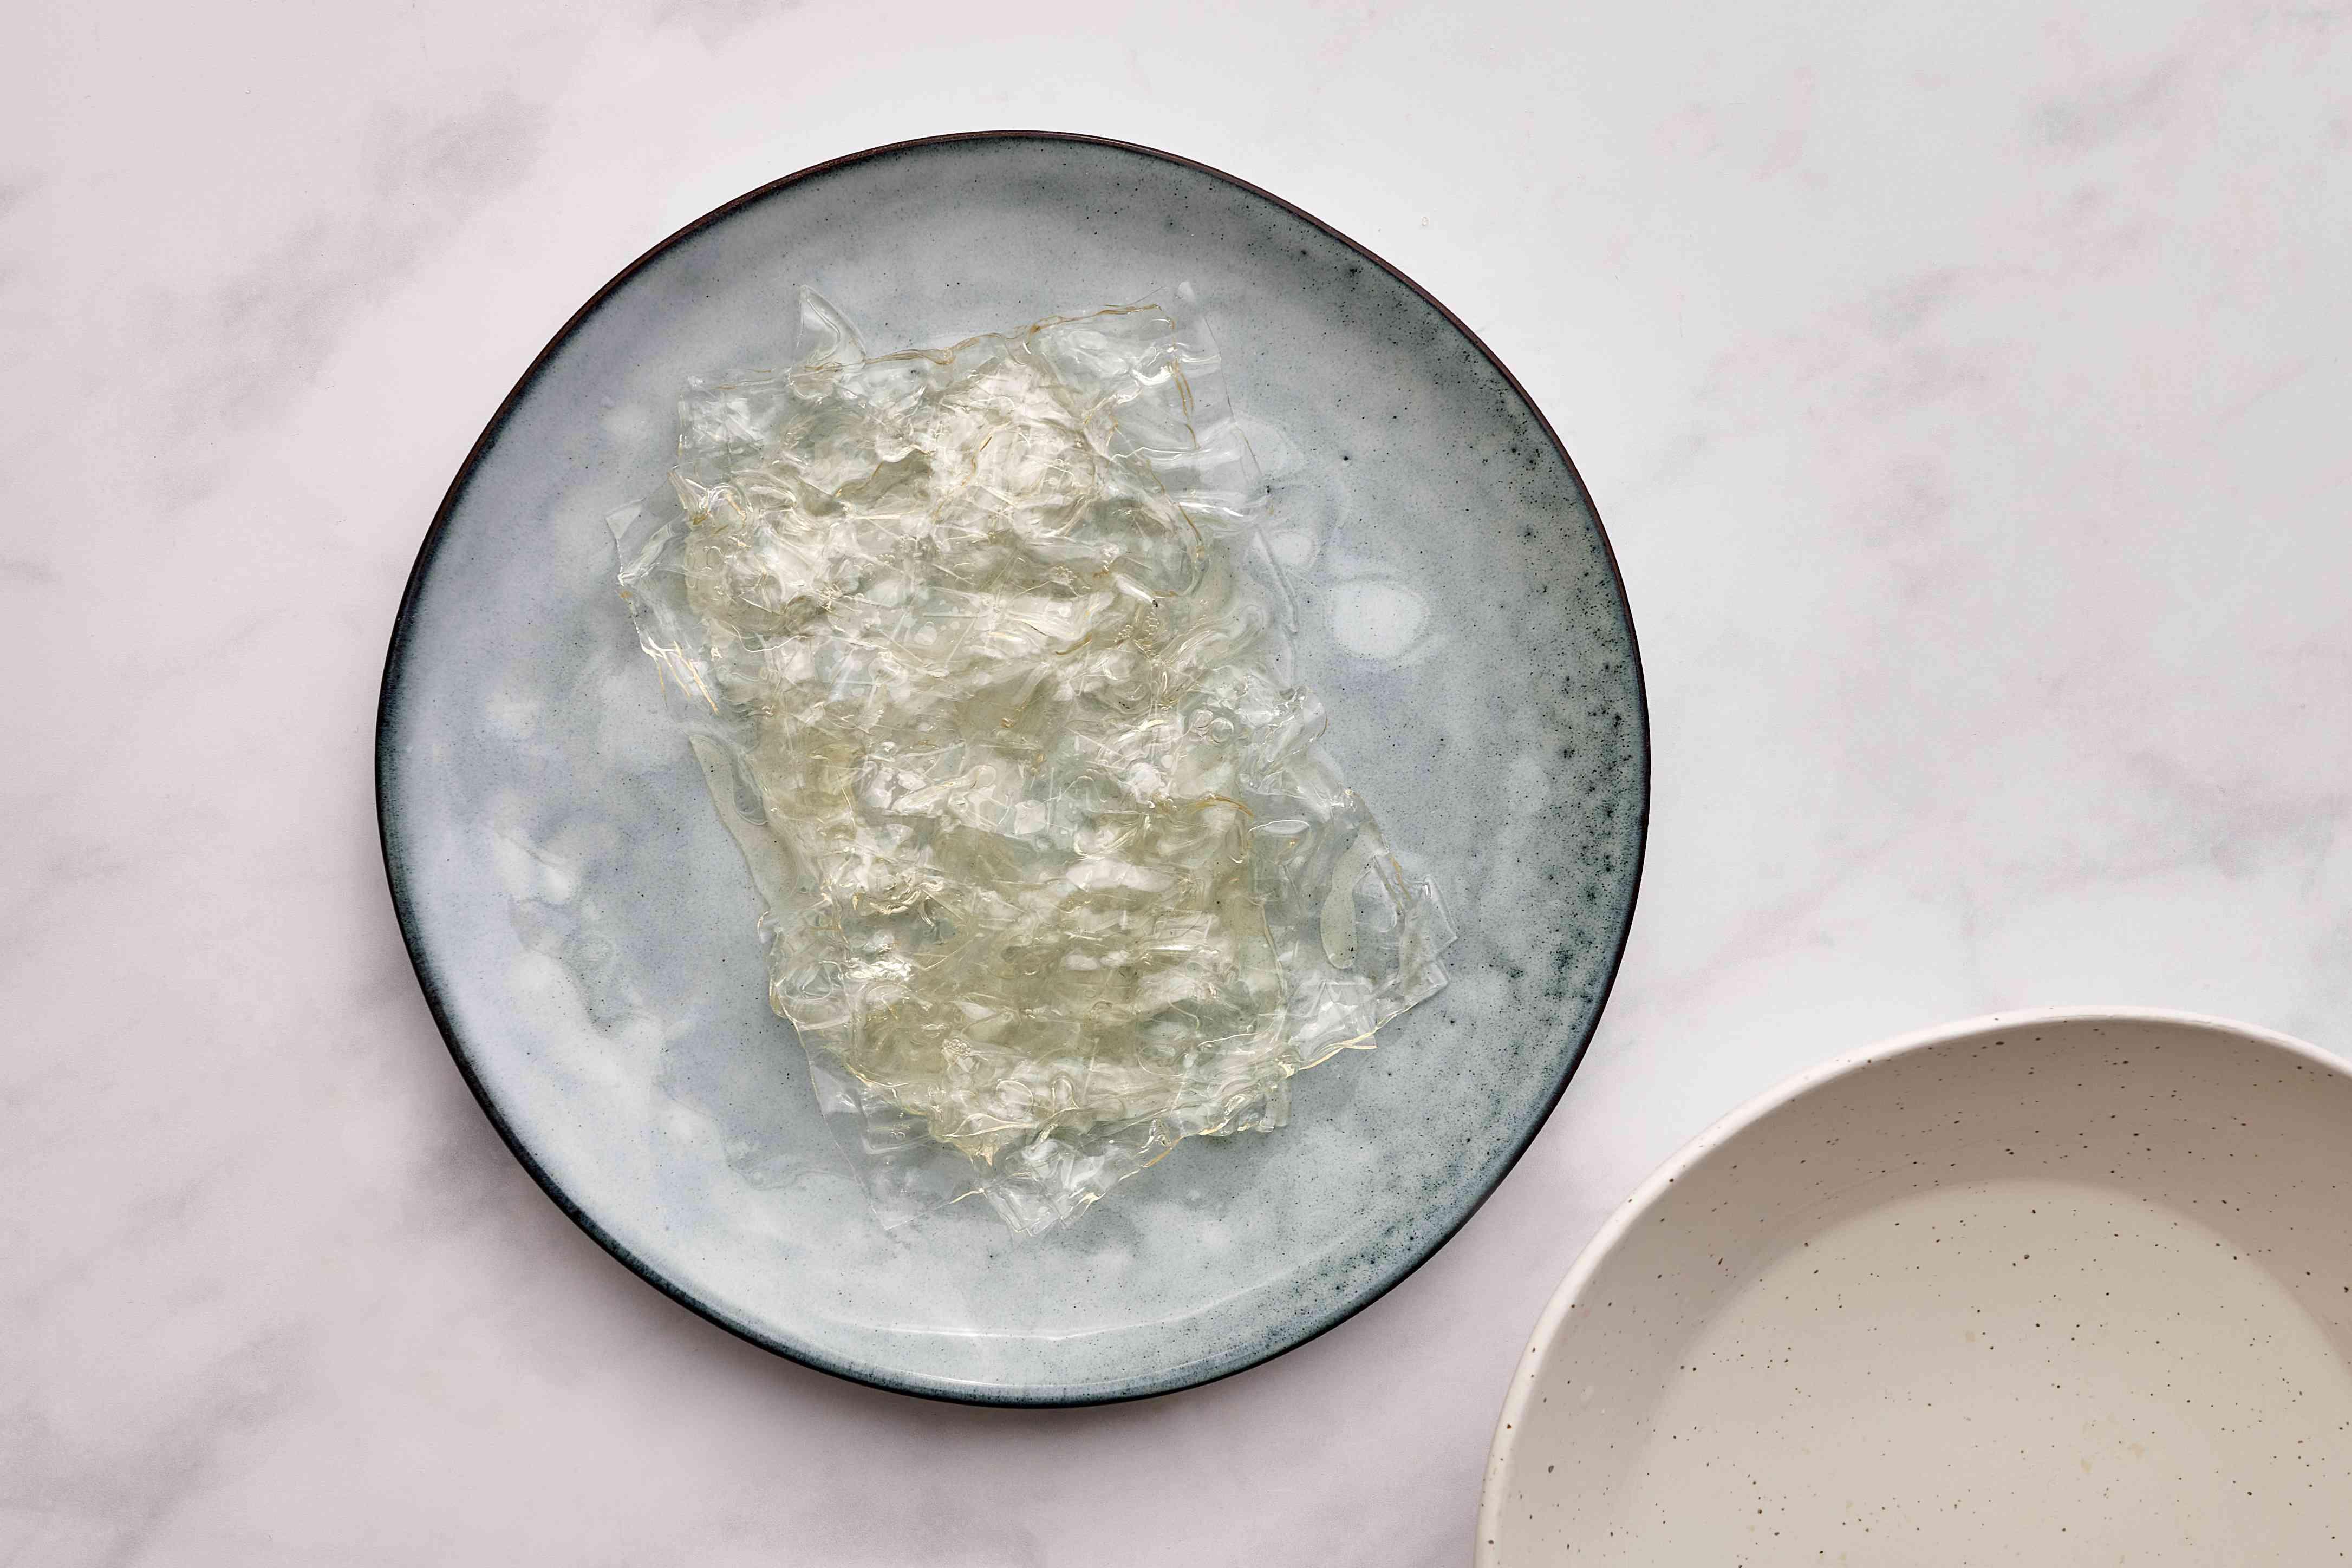 leaf gelatin on a plate